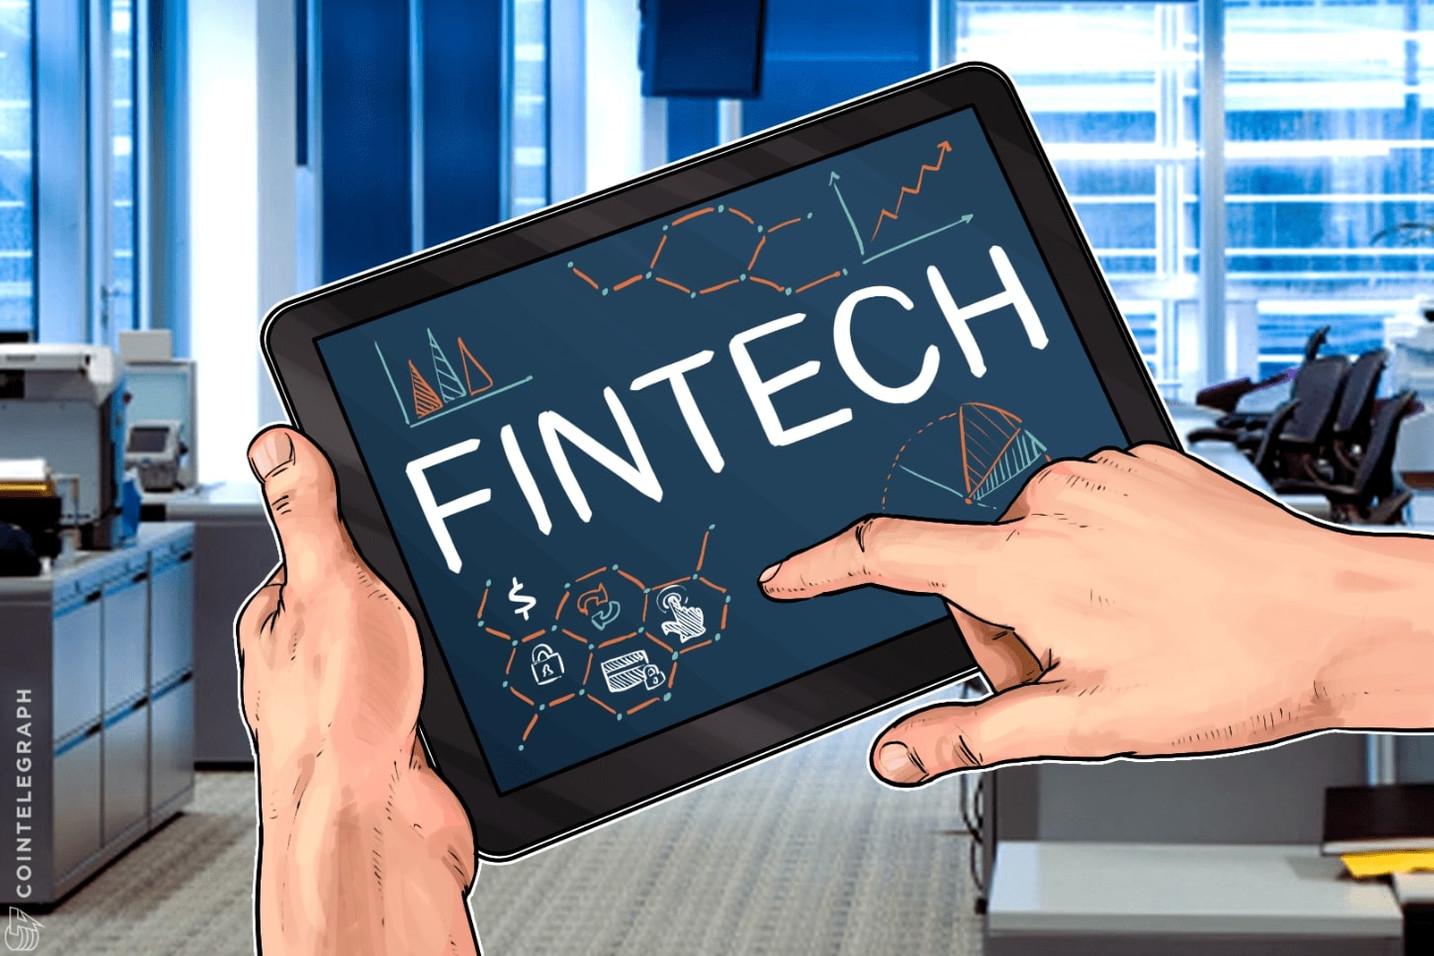 Bermudas: Entwicklung neuer Bankenklasse für Fintech- und Blockchain-Firmen